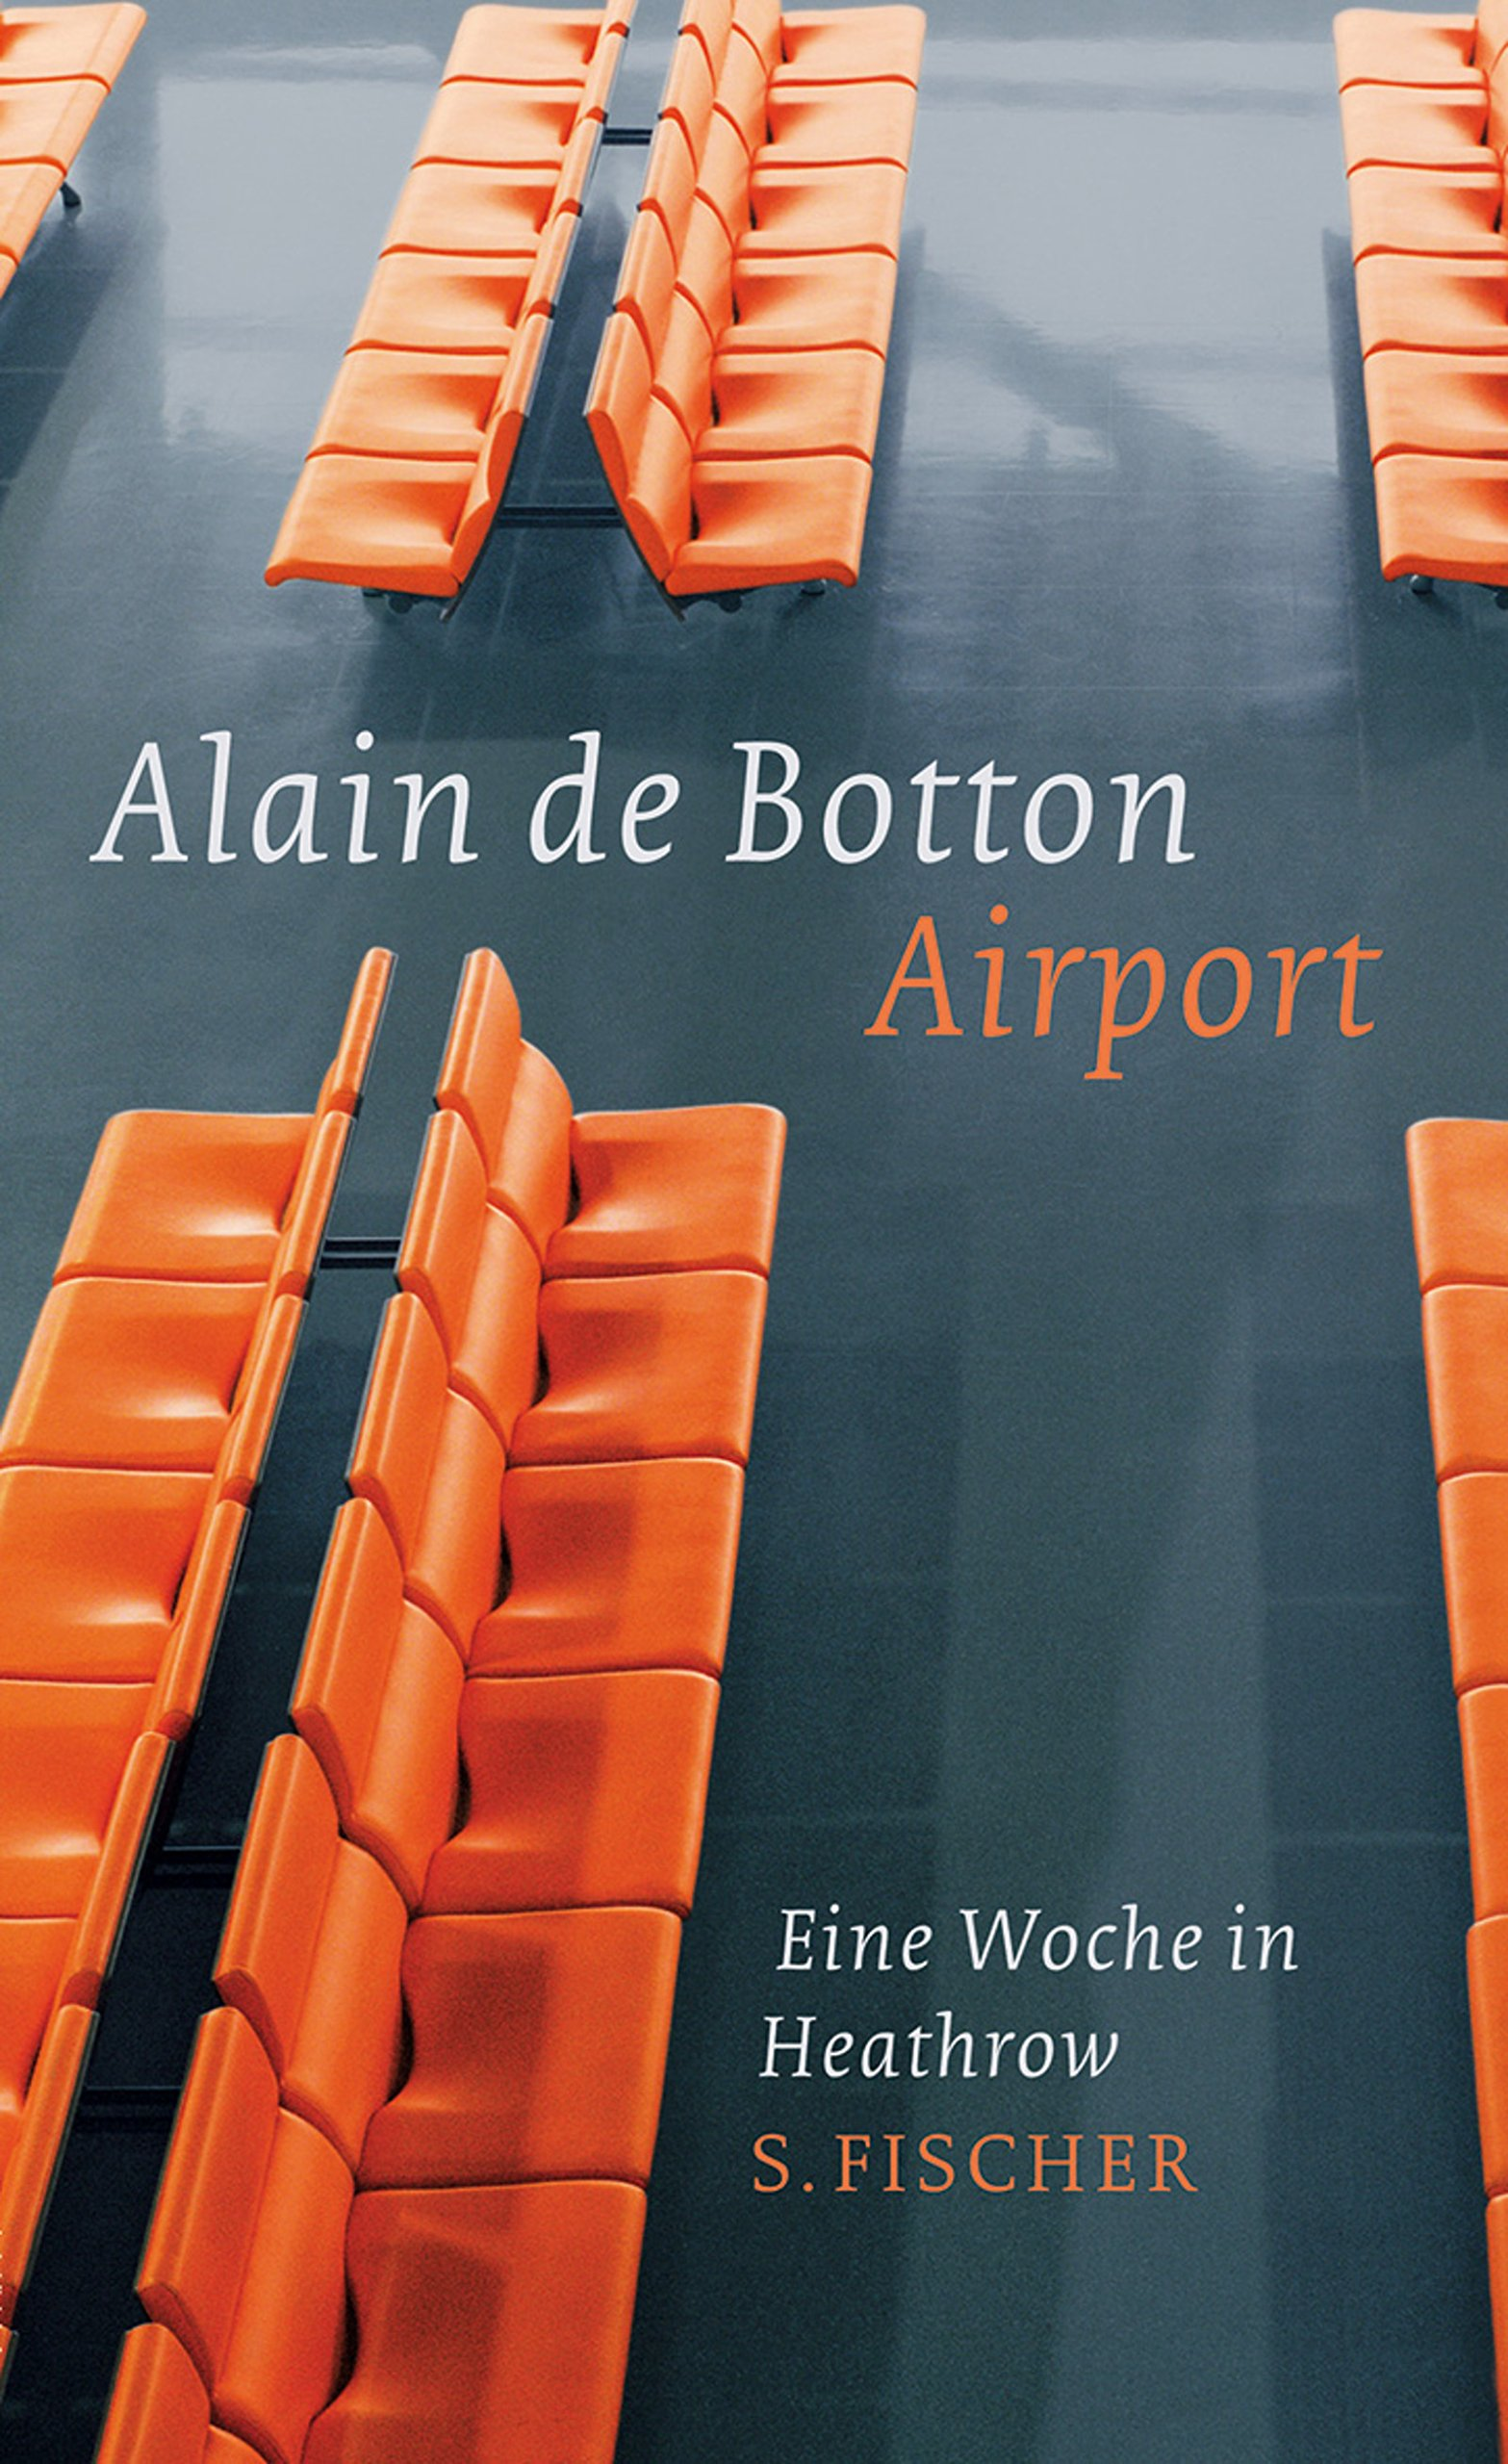 Airport: Eine Woche in Heathrow: Amazon.de: Alain de Botton ...